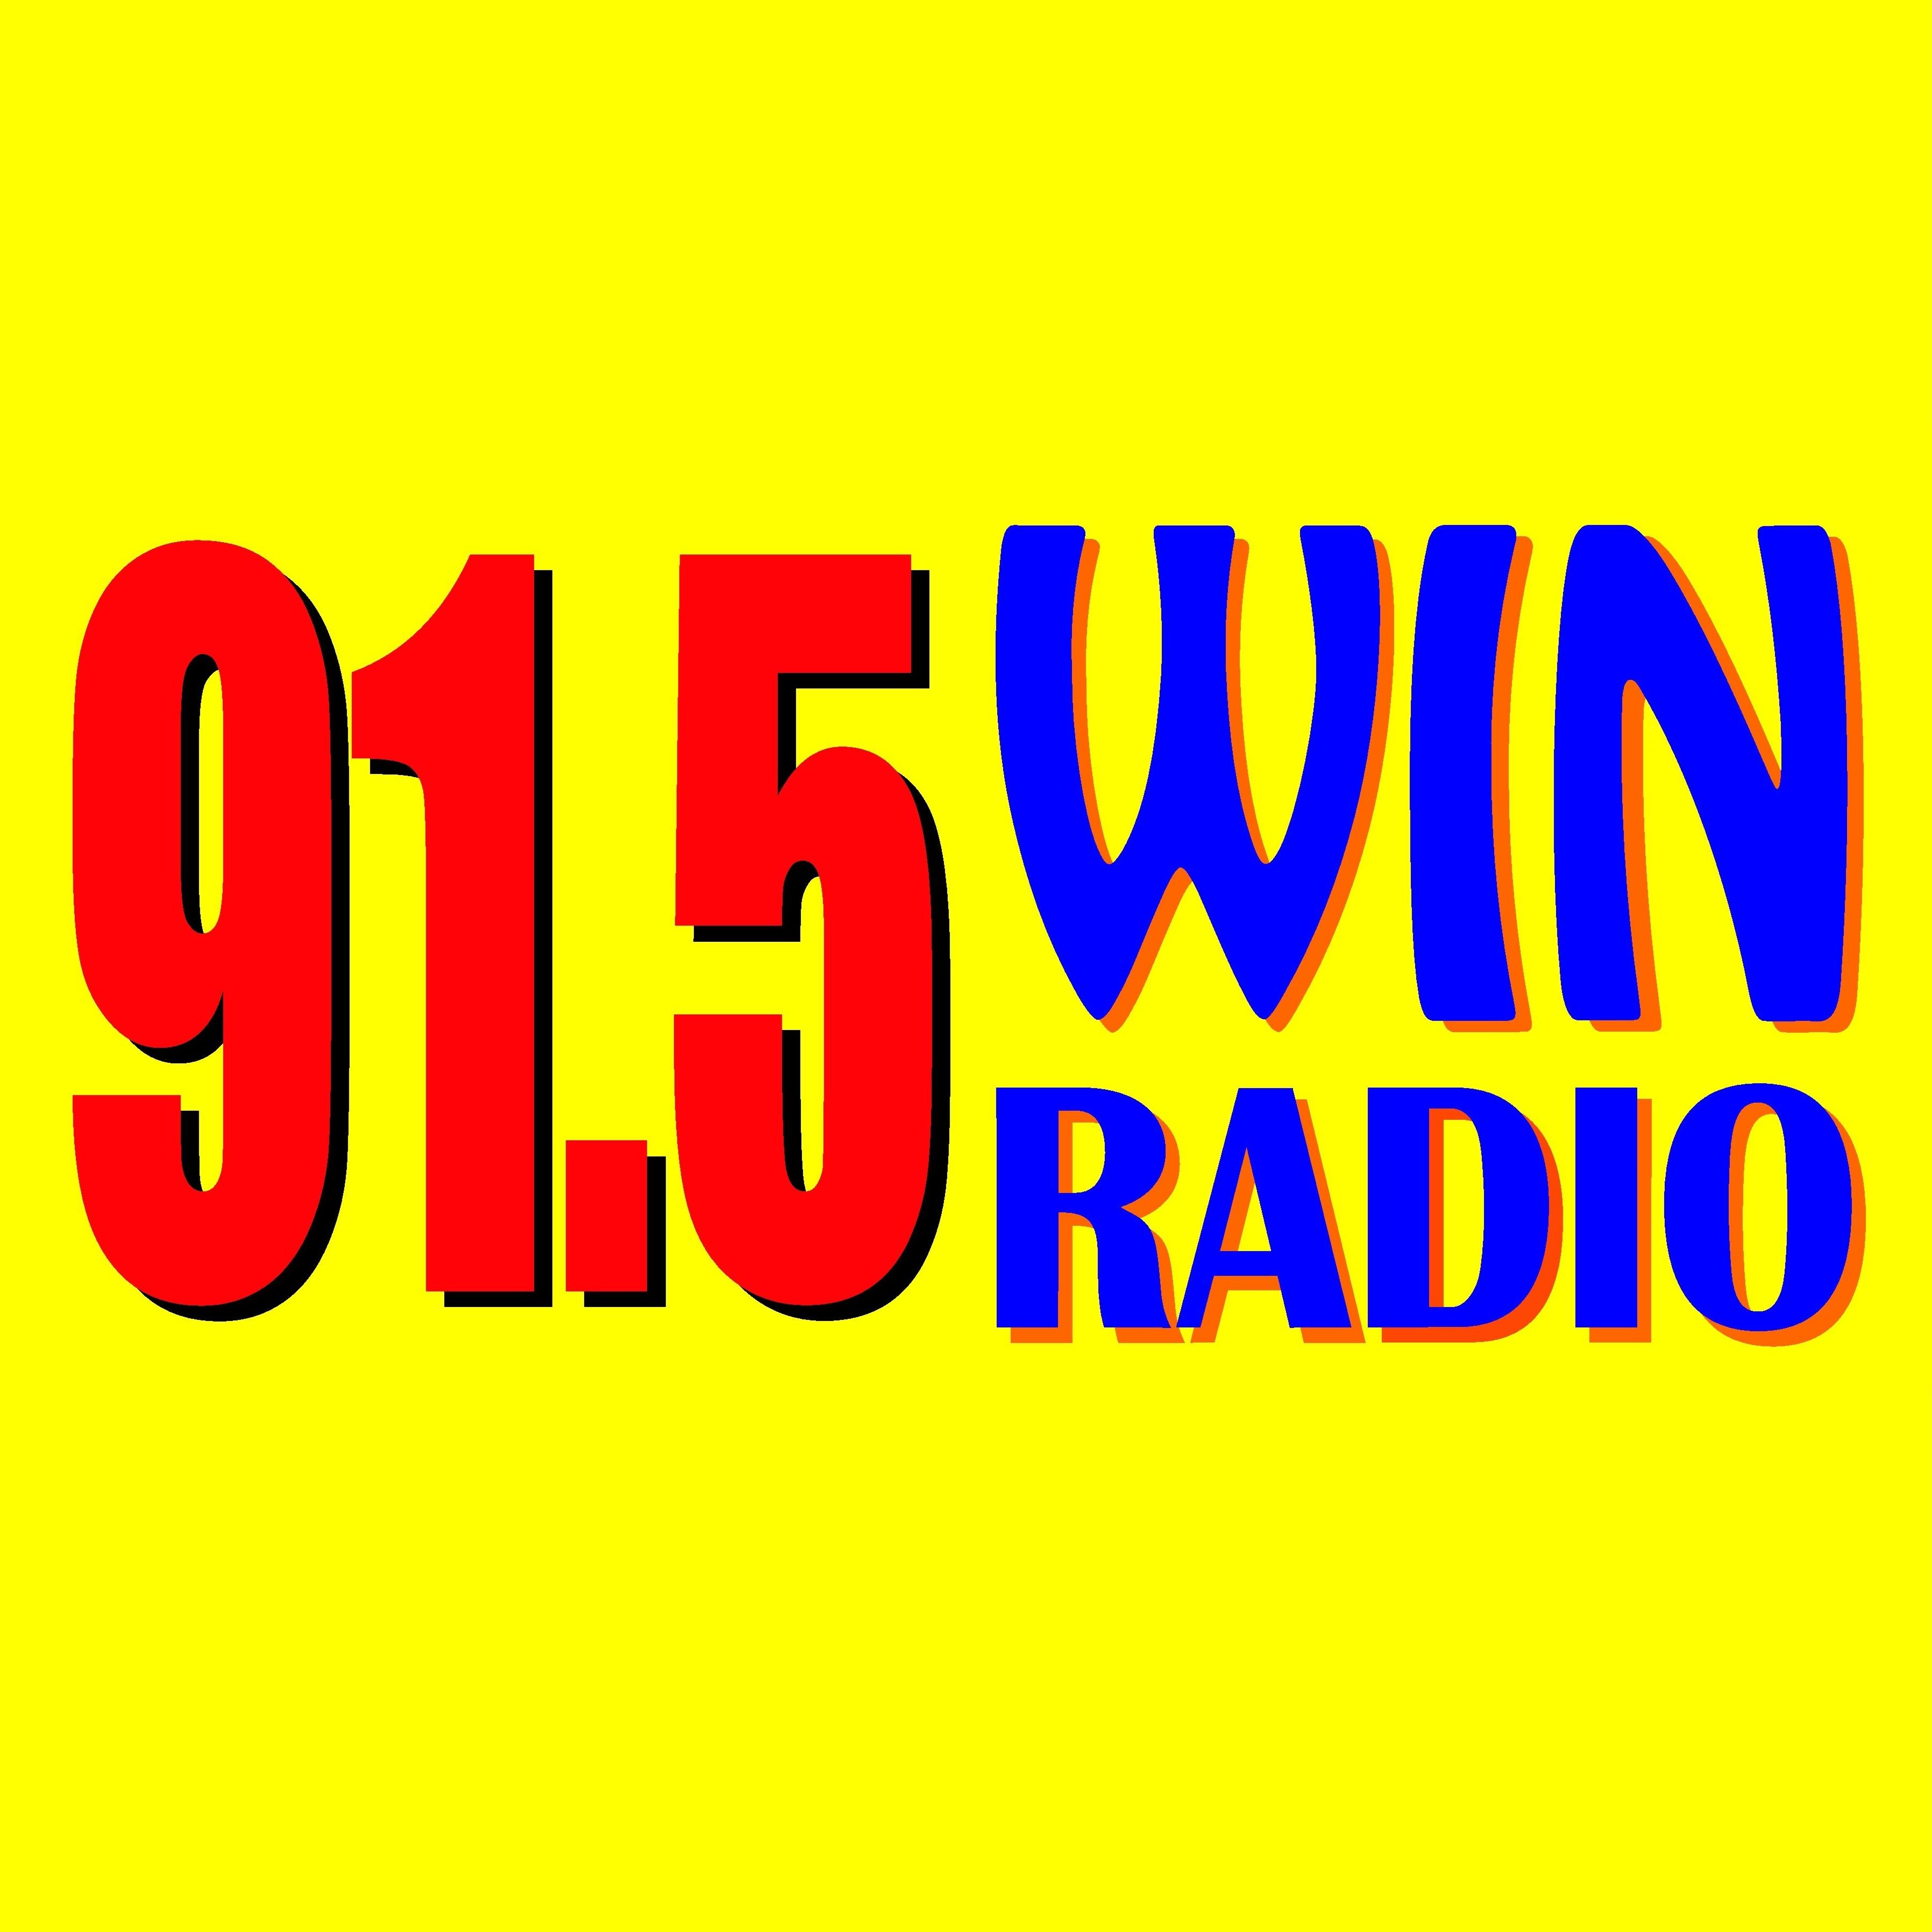 91.5 WIN RADIO MANILA